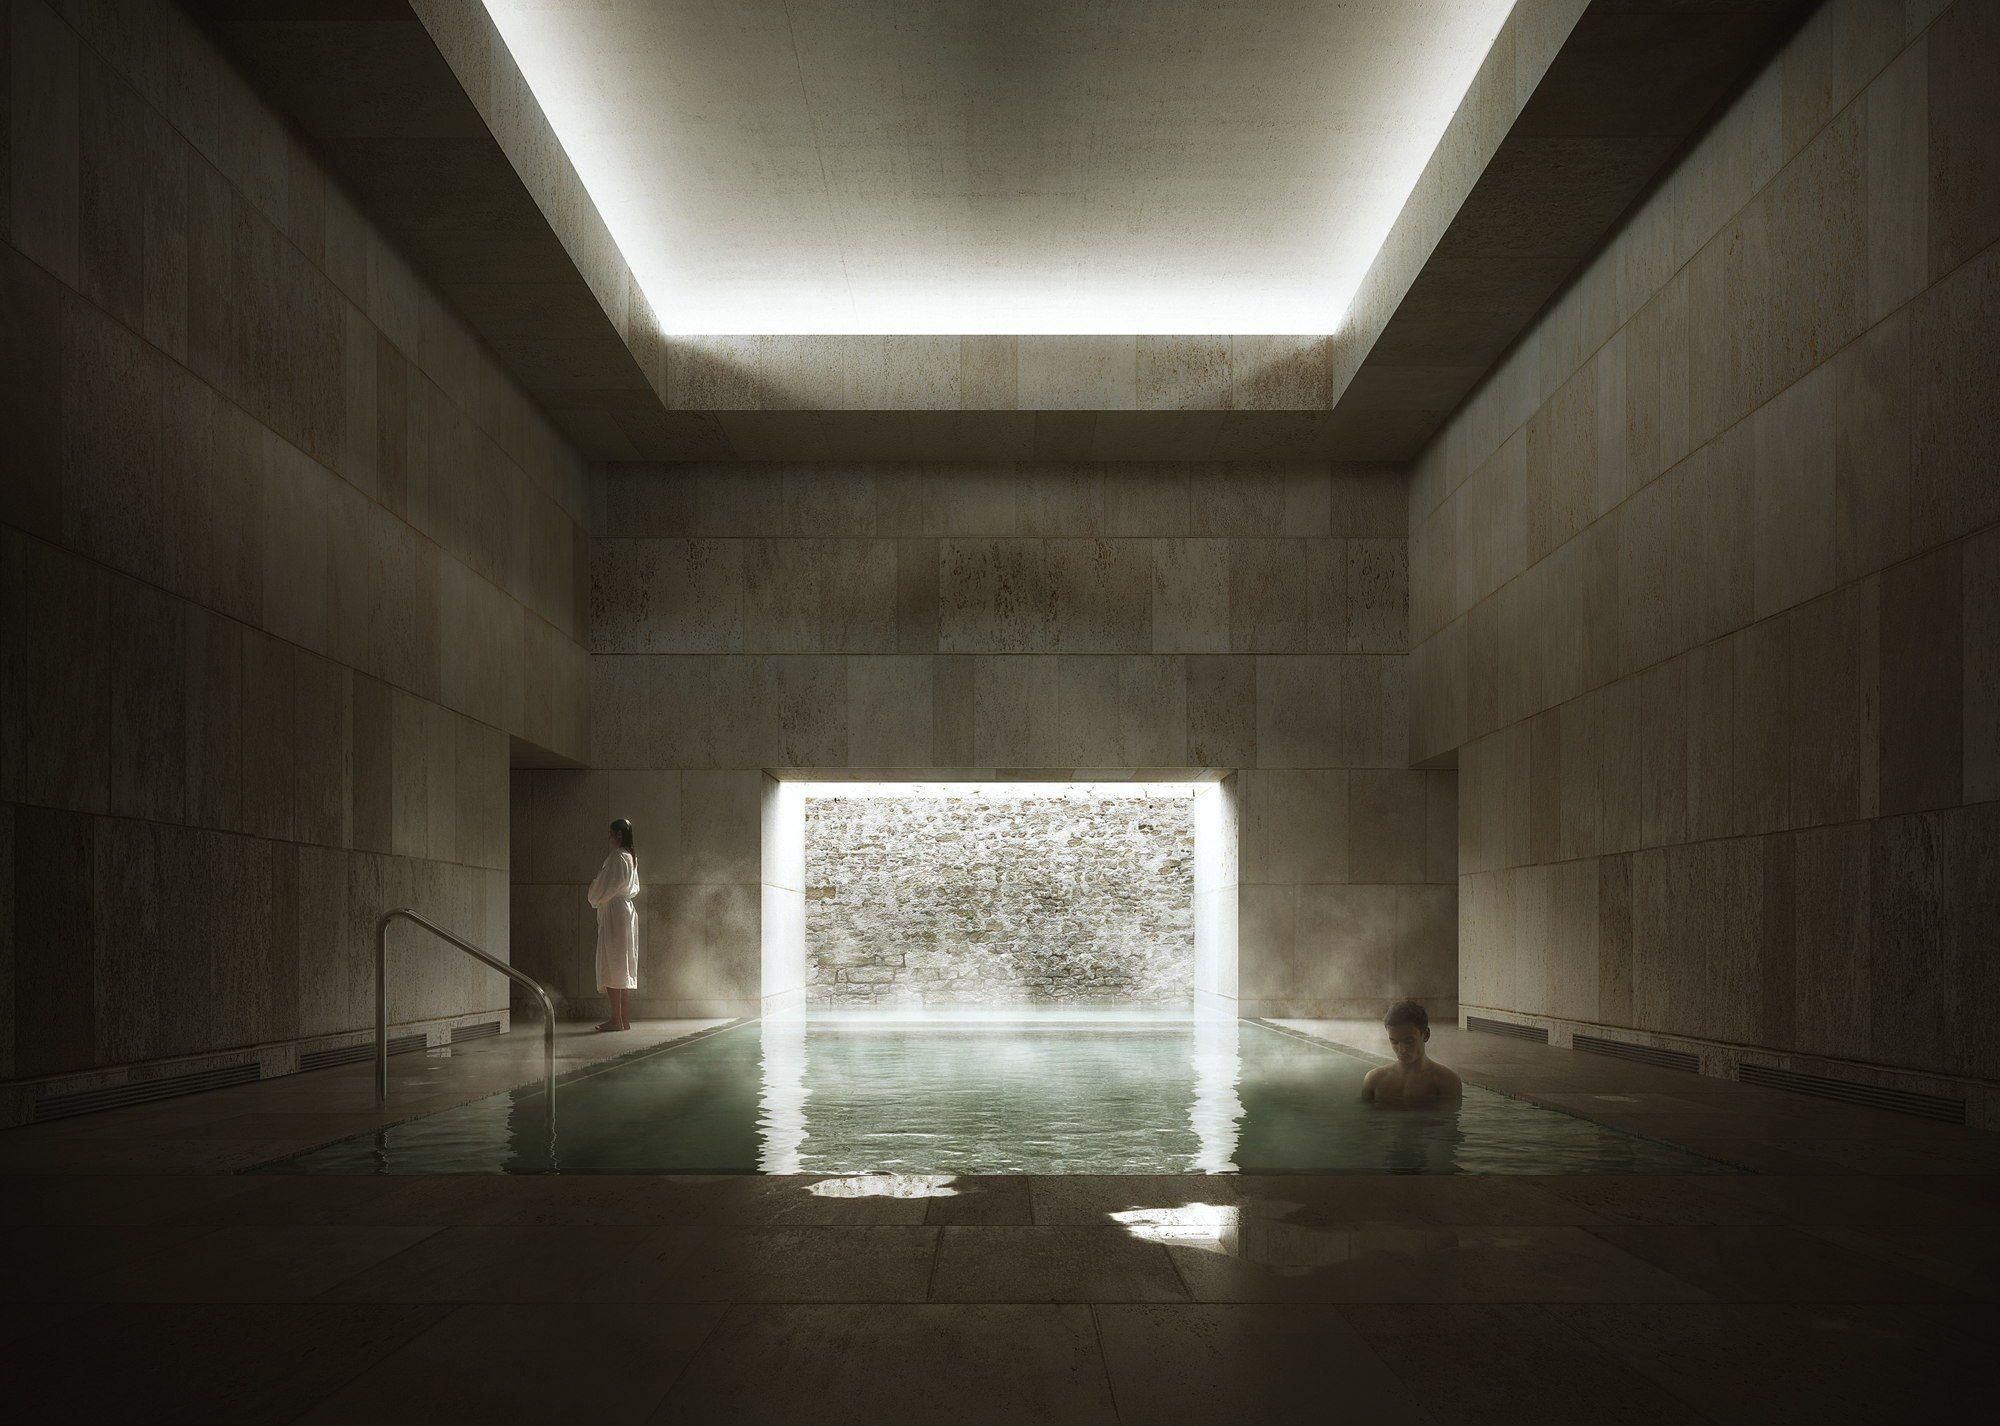 francisco mangado gewinnt wettbewerb in den franzsischen pyrenen spa im militrhospital architektur und architekten - Spa Und Wellness Zentren Kreative Architektur